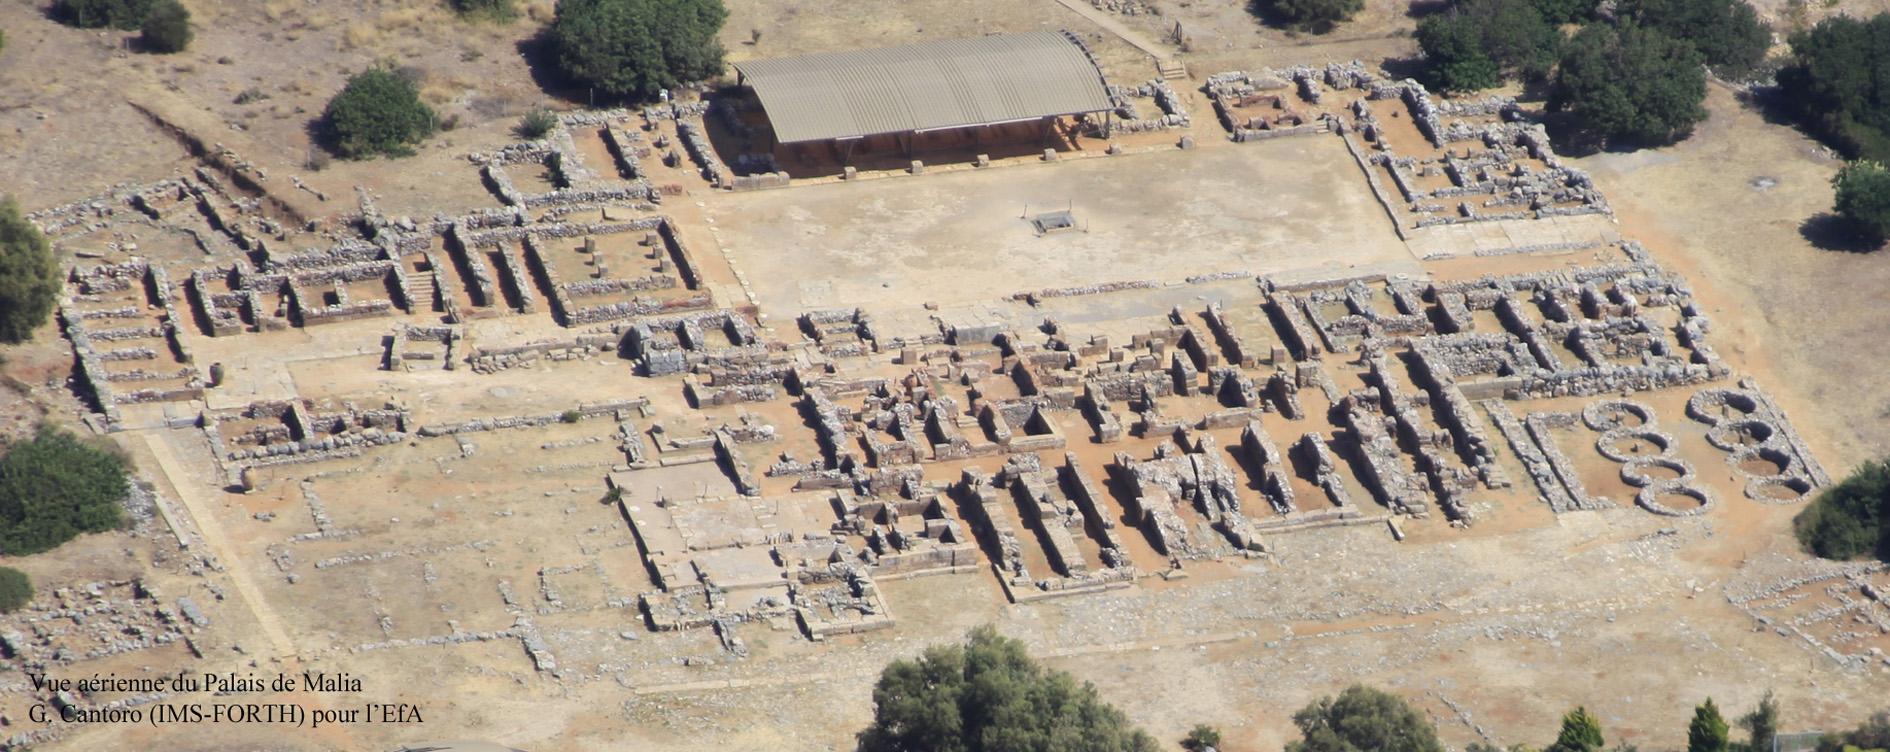 Figure 2. Vue aérienne du Palais de Malia, depuis le Nord-Ouest. Cliché G. Cantoro (IMS-FORTH) ©EFA